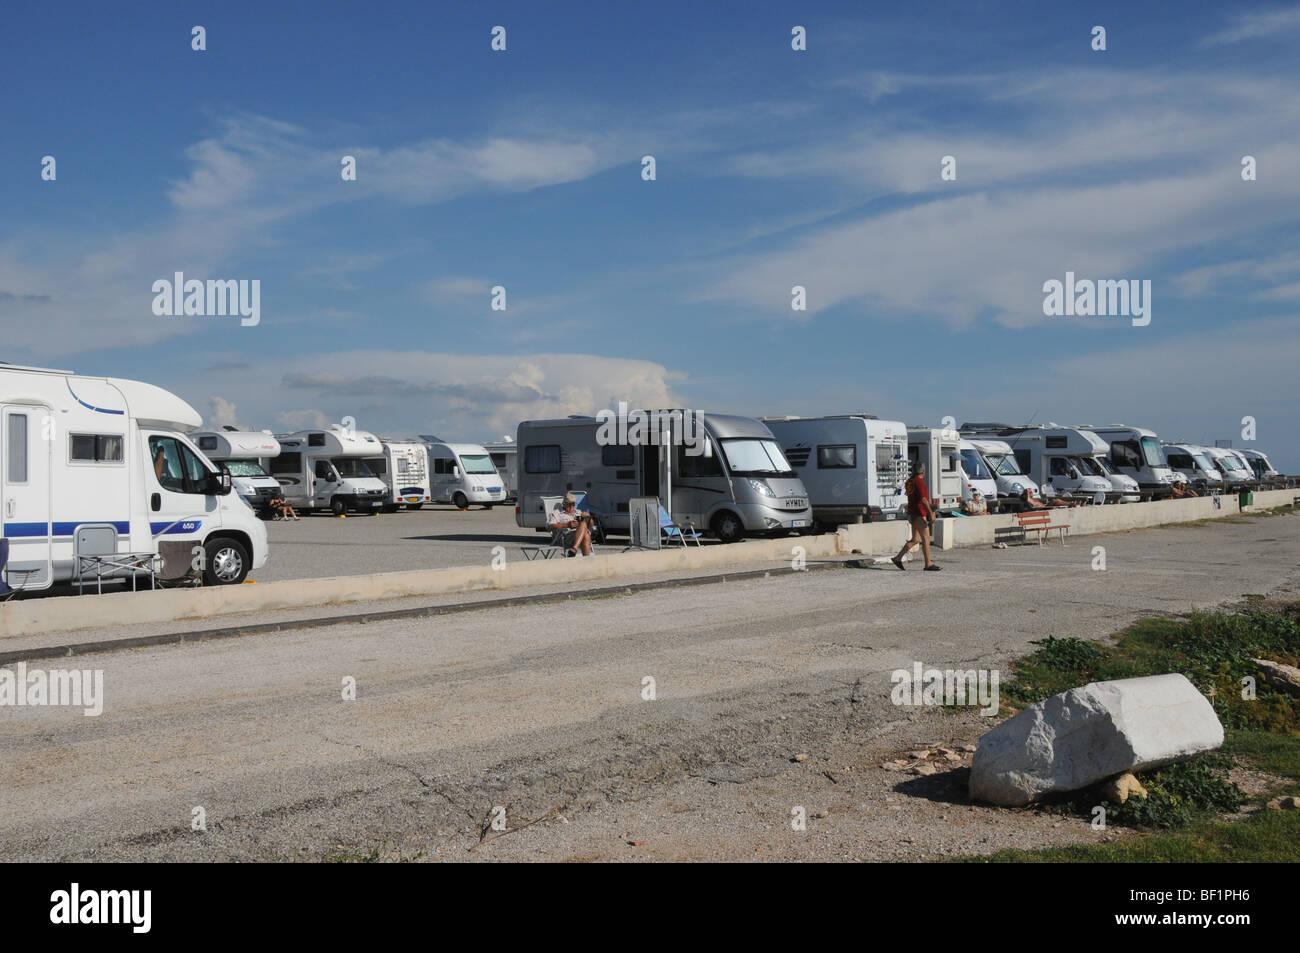 Lejos de todo? Furgonetas herméticamente en el aparcamiento al carro, Bouches-du-Rhône, en el sur de Francia. Imagen De Stock